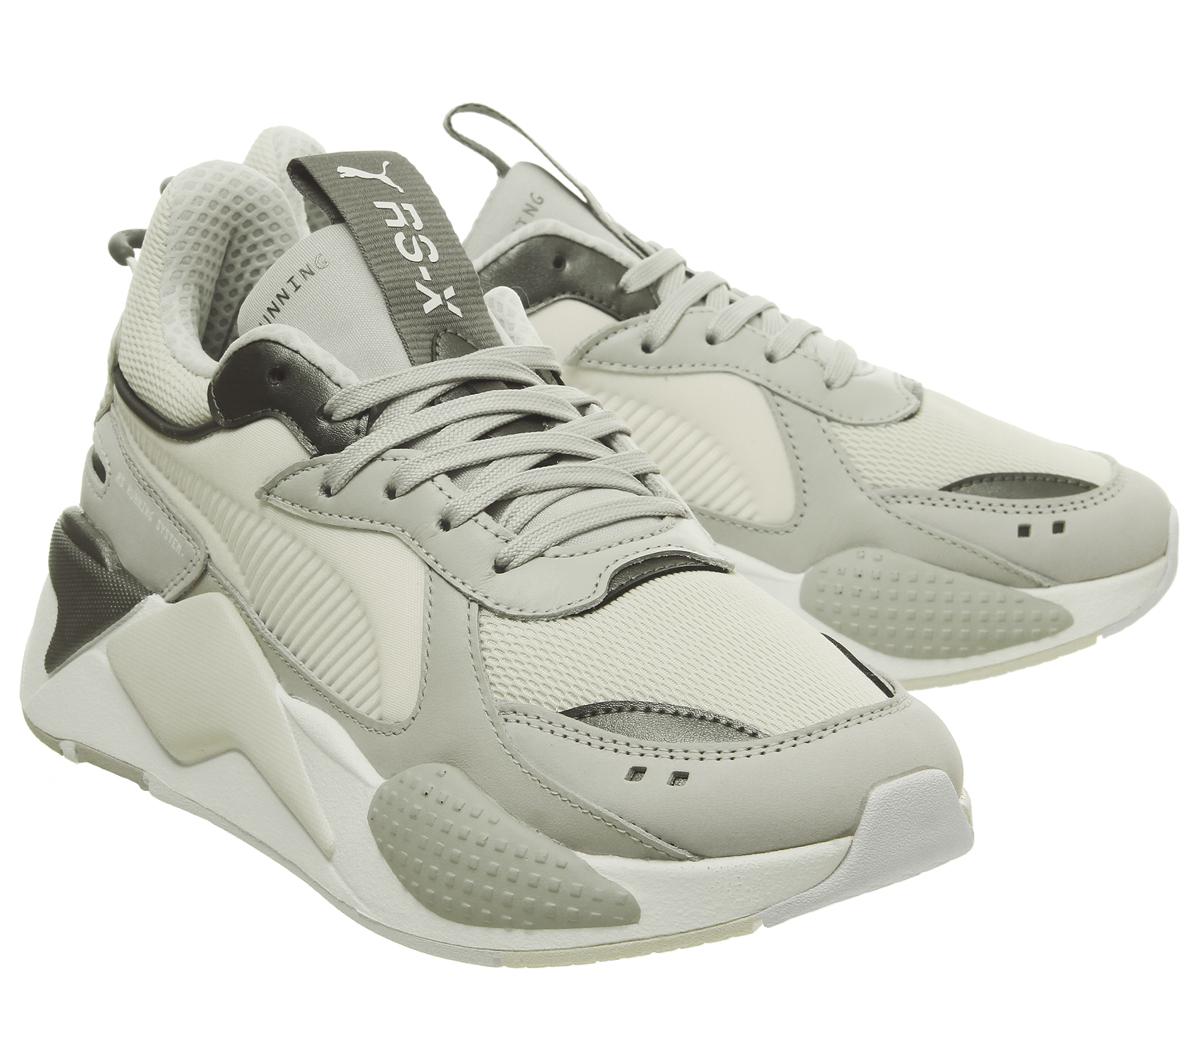 pas cher pour réduction 98378 83bad Détails sur Chaussures Femme Puma RS-X Trophée Baskets Gris Violet vaporeux  Gris Baskets Chaussures- afficher le titre d'origine